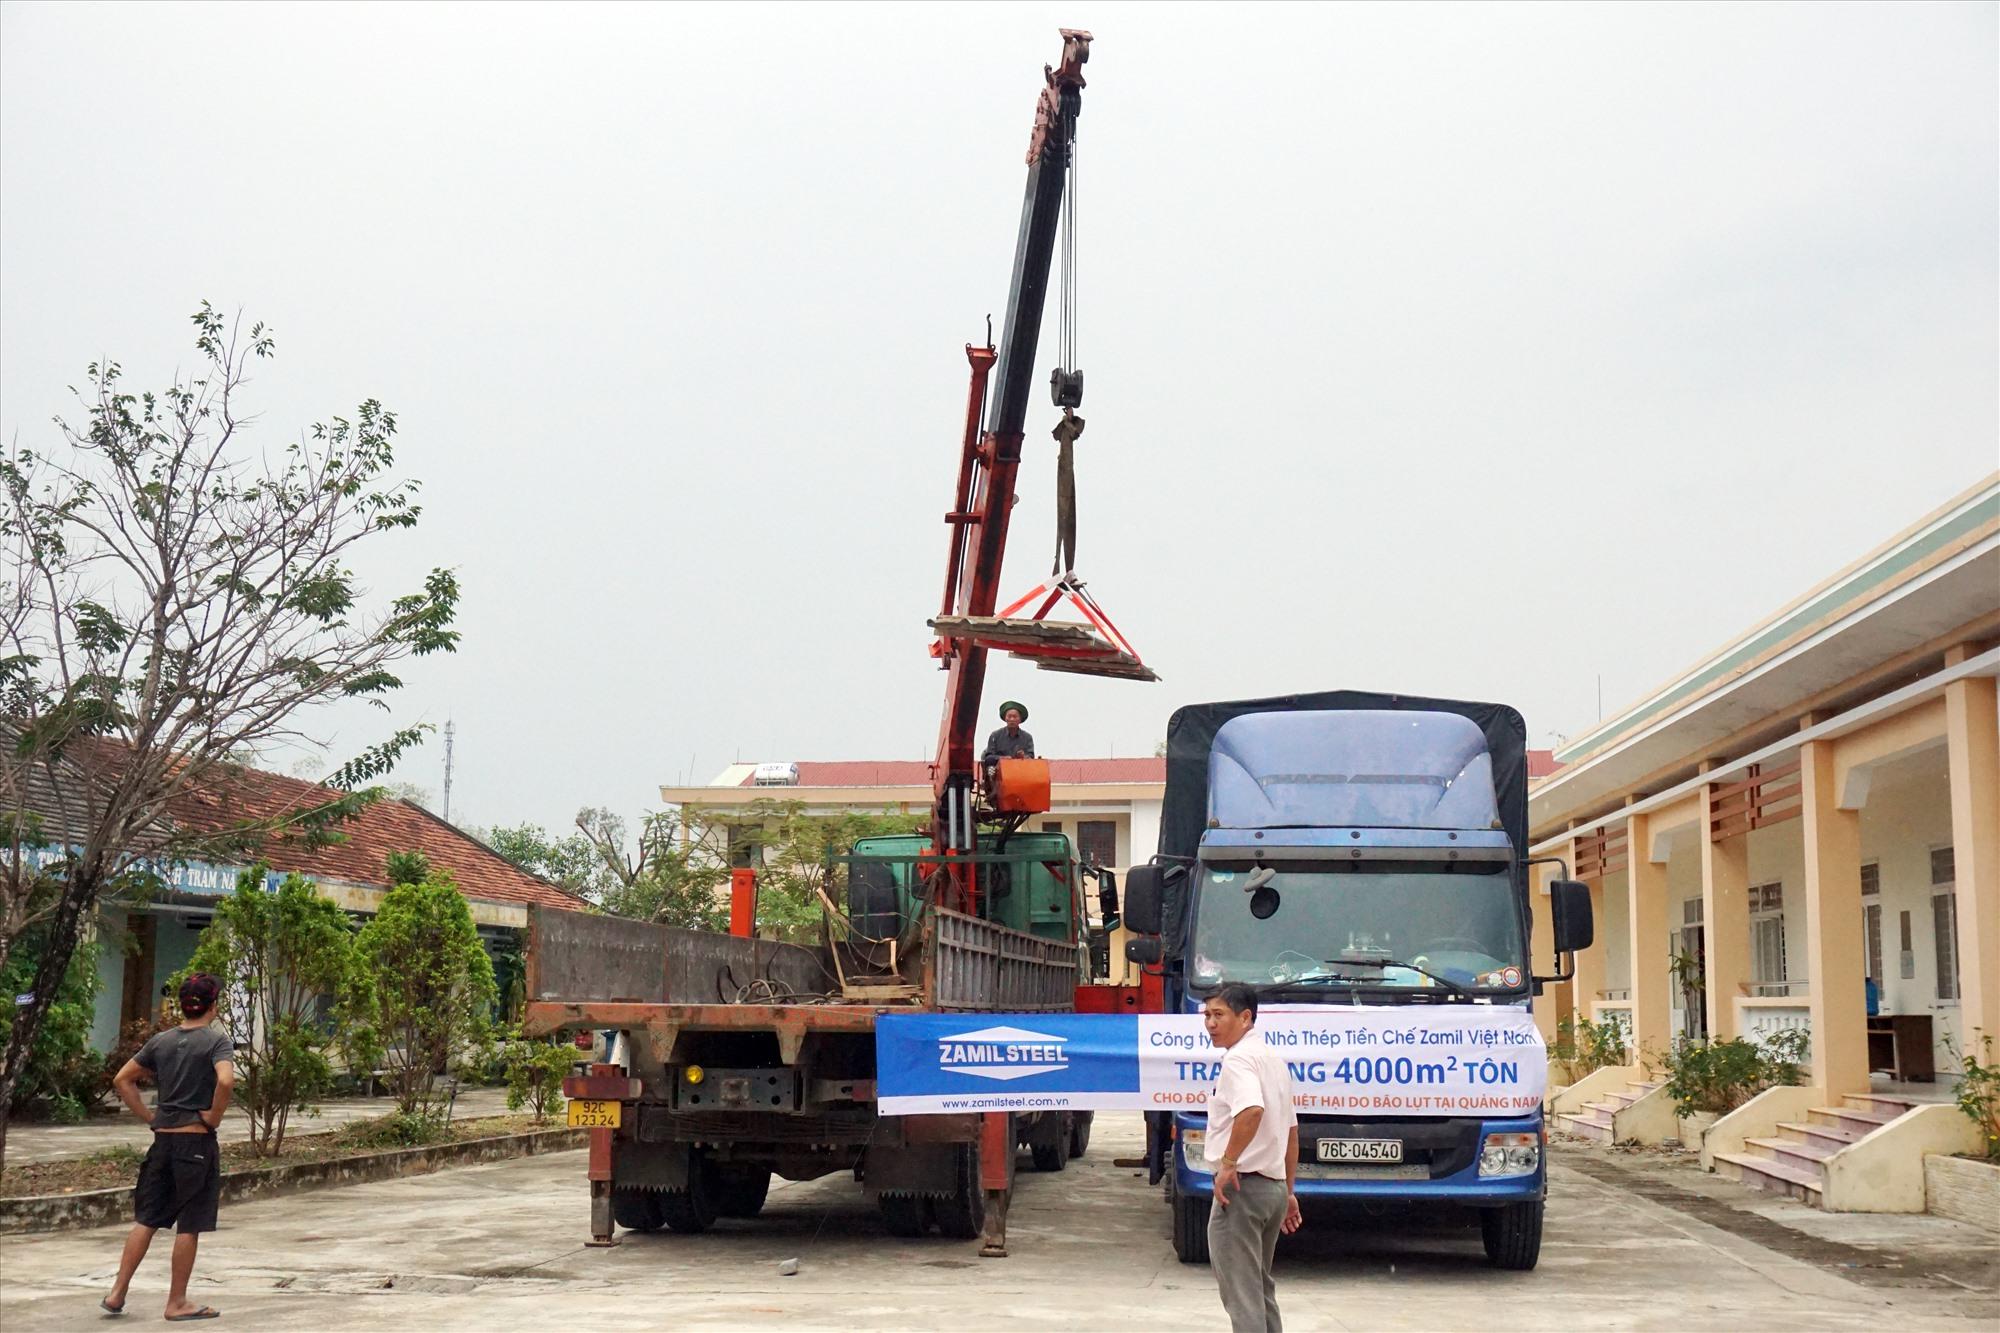 Toàn bộ số tôn mà phía Công ty TNHH Nhà Thép Tiền chế Zamil Việt Nam sẽ được chuyển về cho các trường bị thiệt hại do bão để tiến hành lợp ngay.